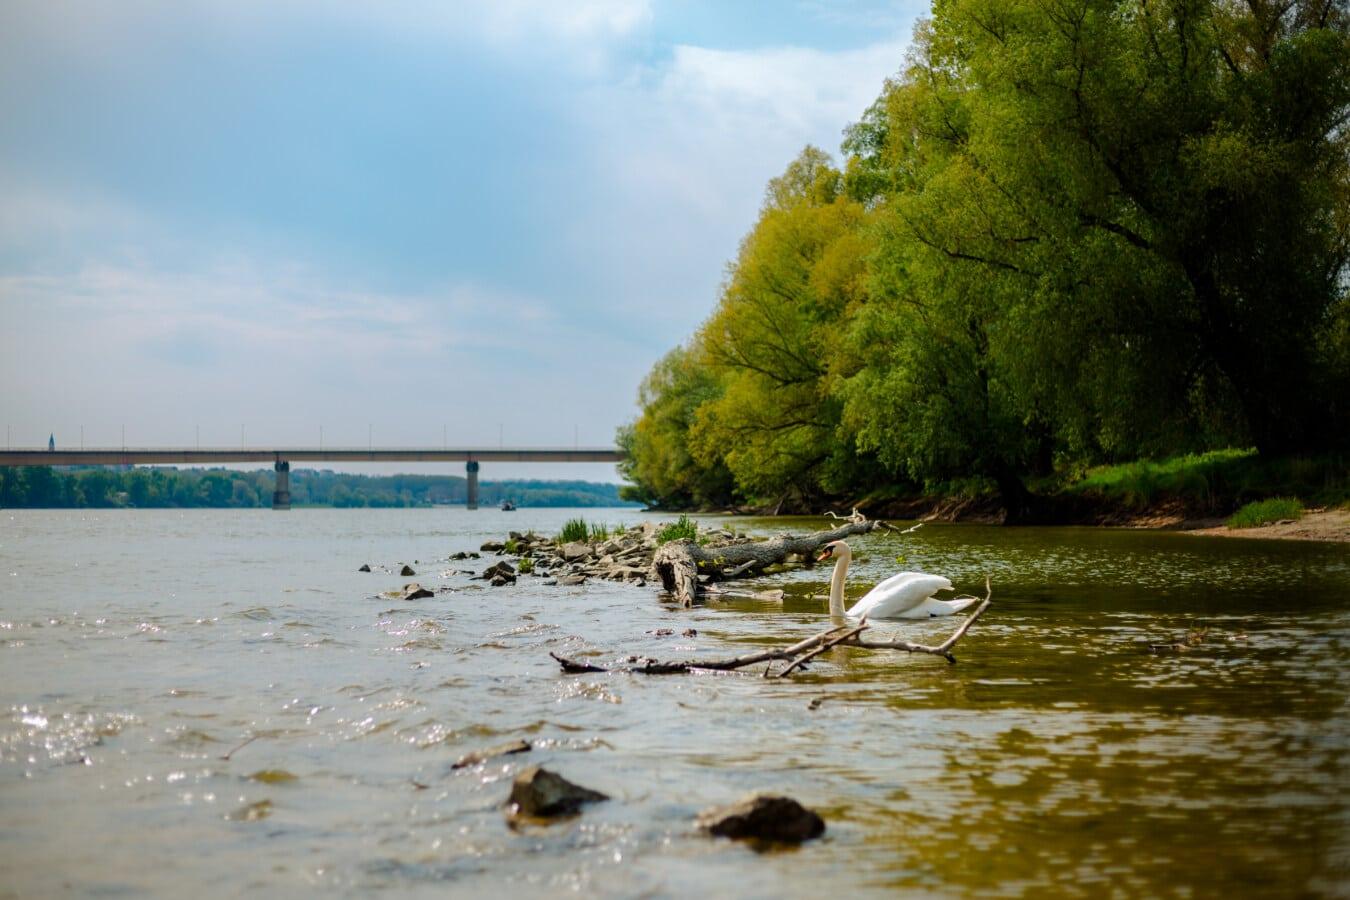 берег річки, Річка, Дунайський, птах, Лебідь, плавання, краєвид, берег, дерево, озеро